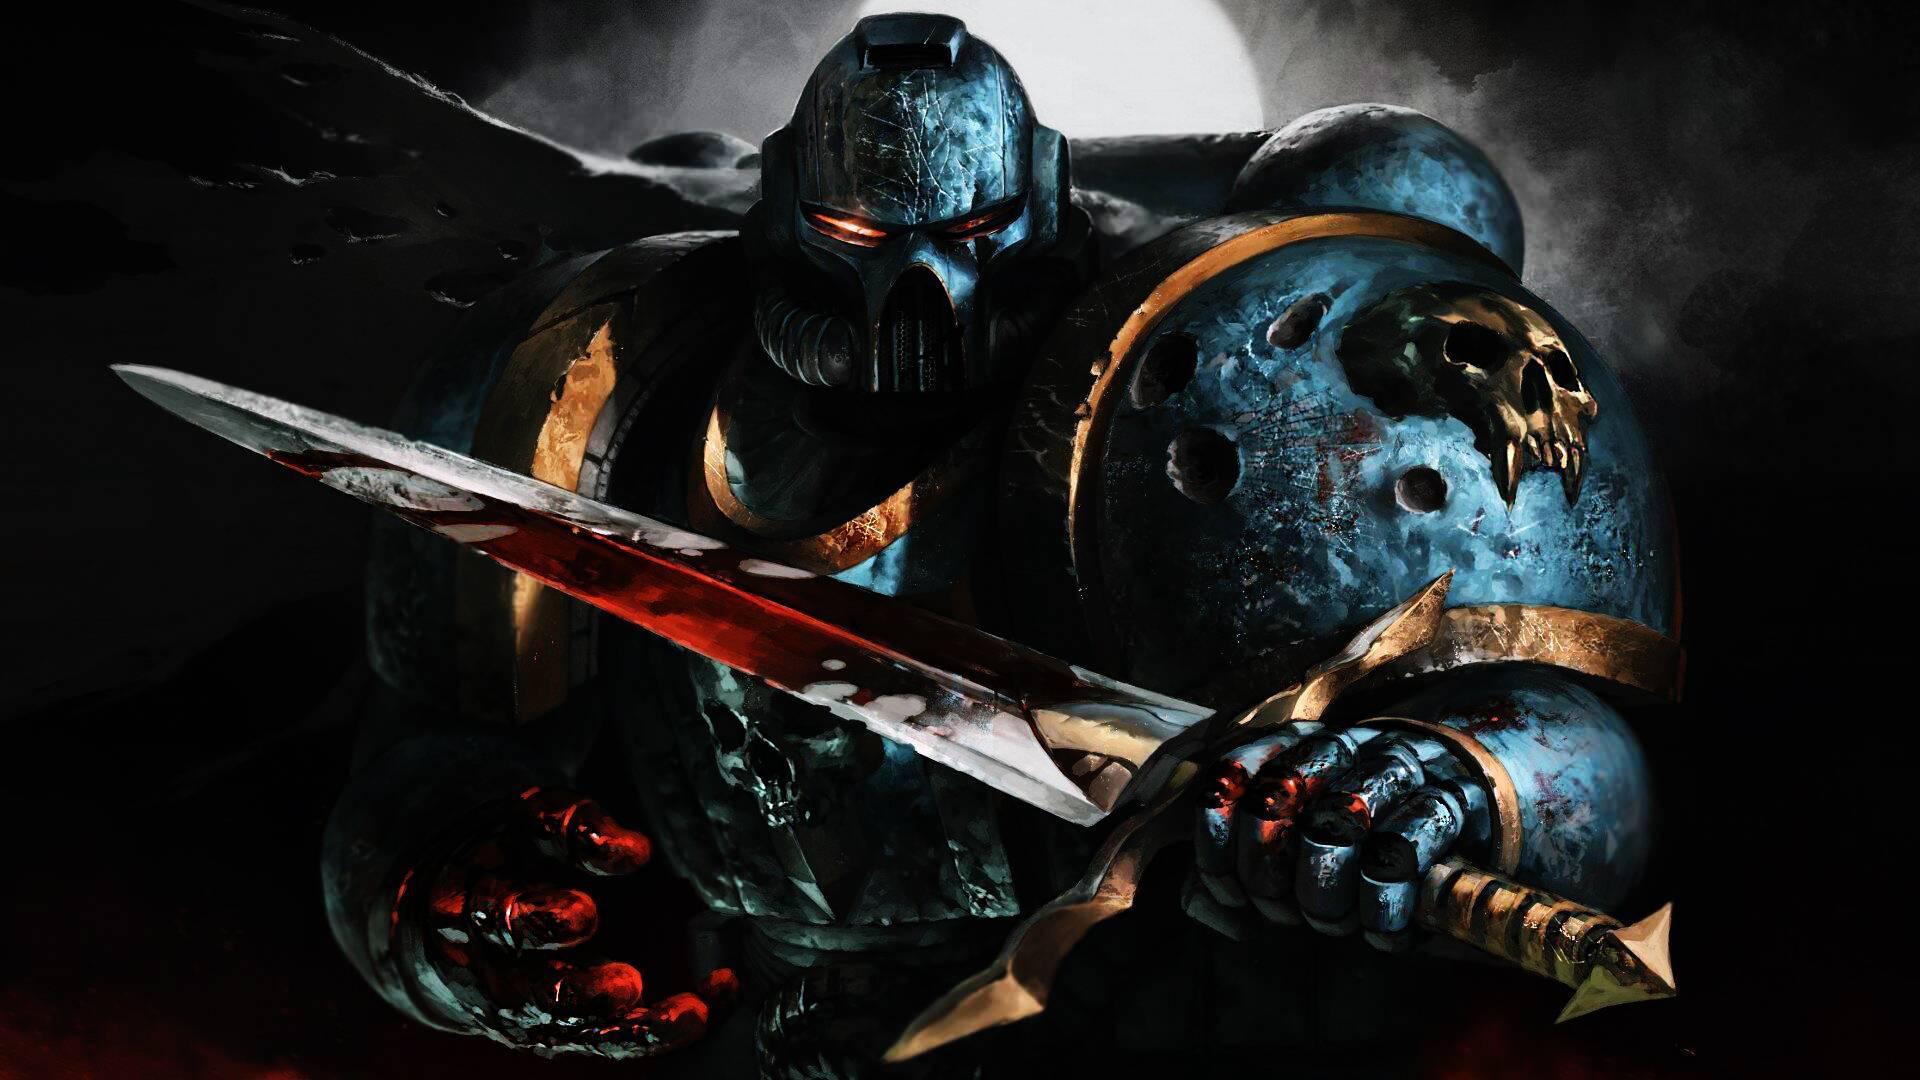 【达奇】打穿银河!至死方休的超级军团是如何诞生的? 《战锤40K》背后的故事